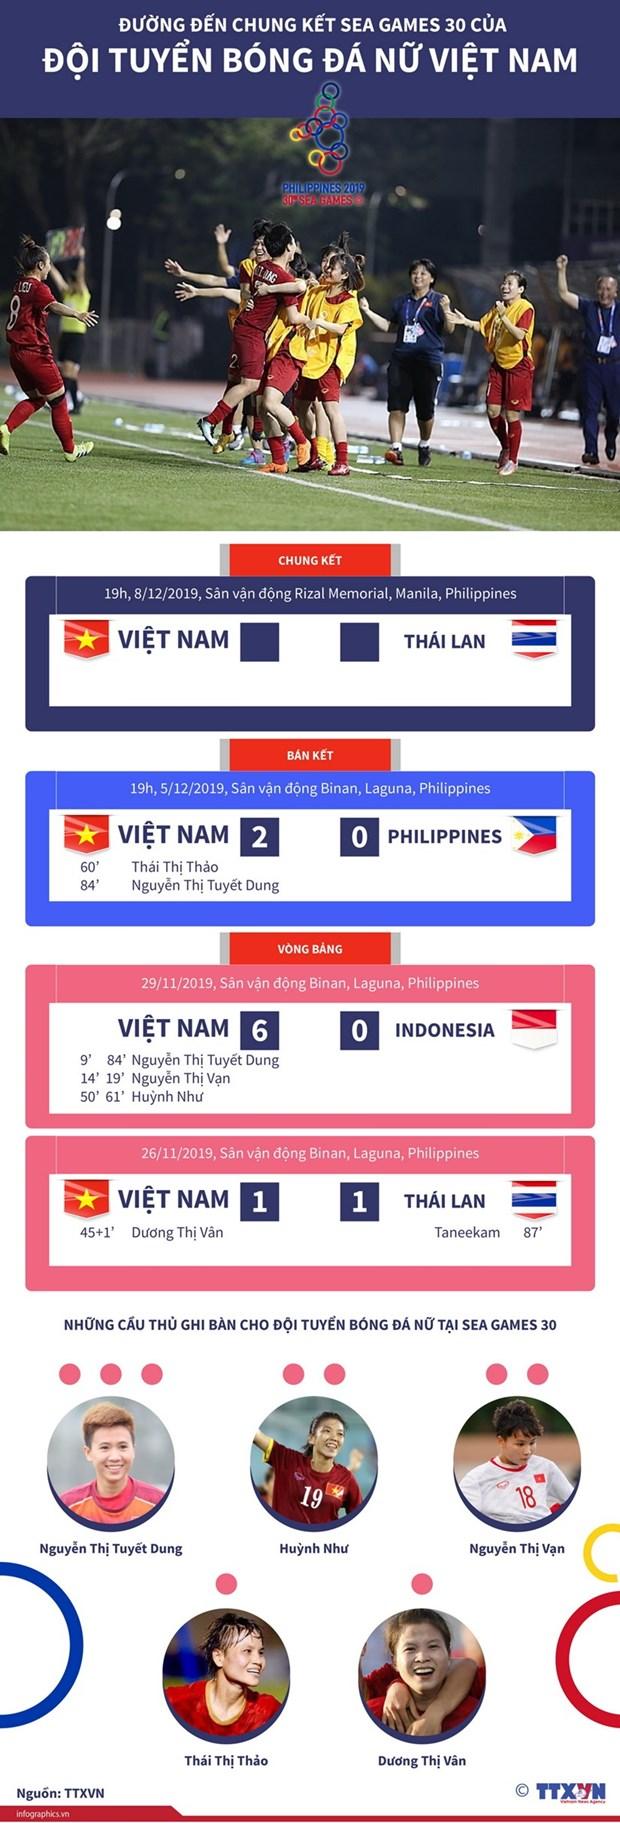 Danh bai Thai Lan, doi tuyen nu Viet Nam gianh HCV SEA Games 30 hinh anh 12